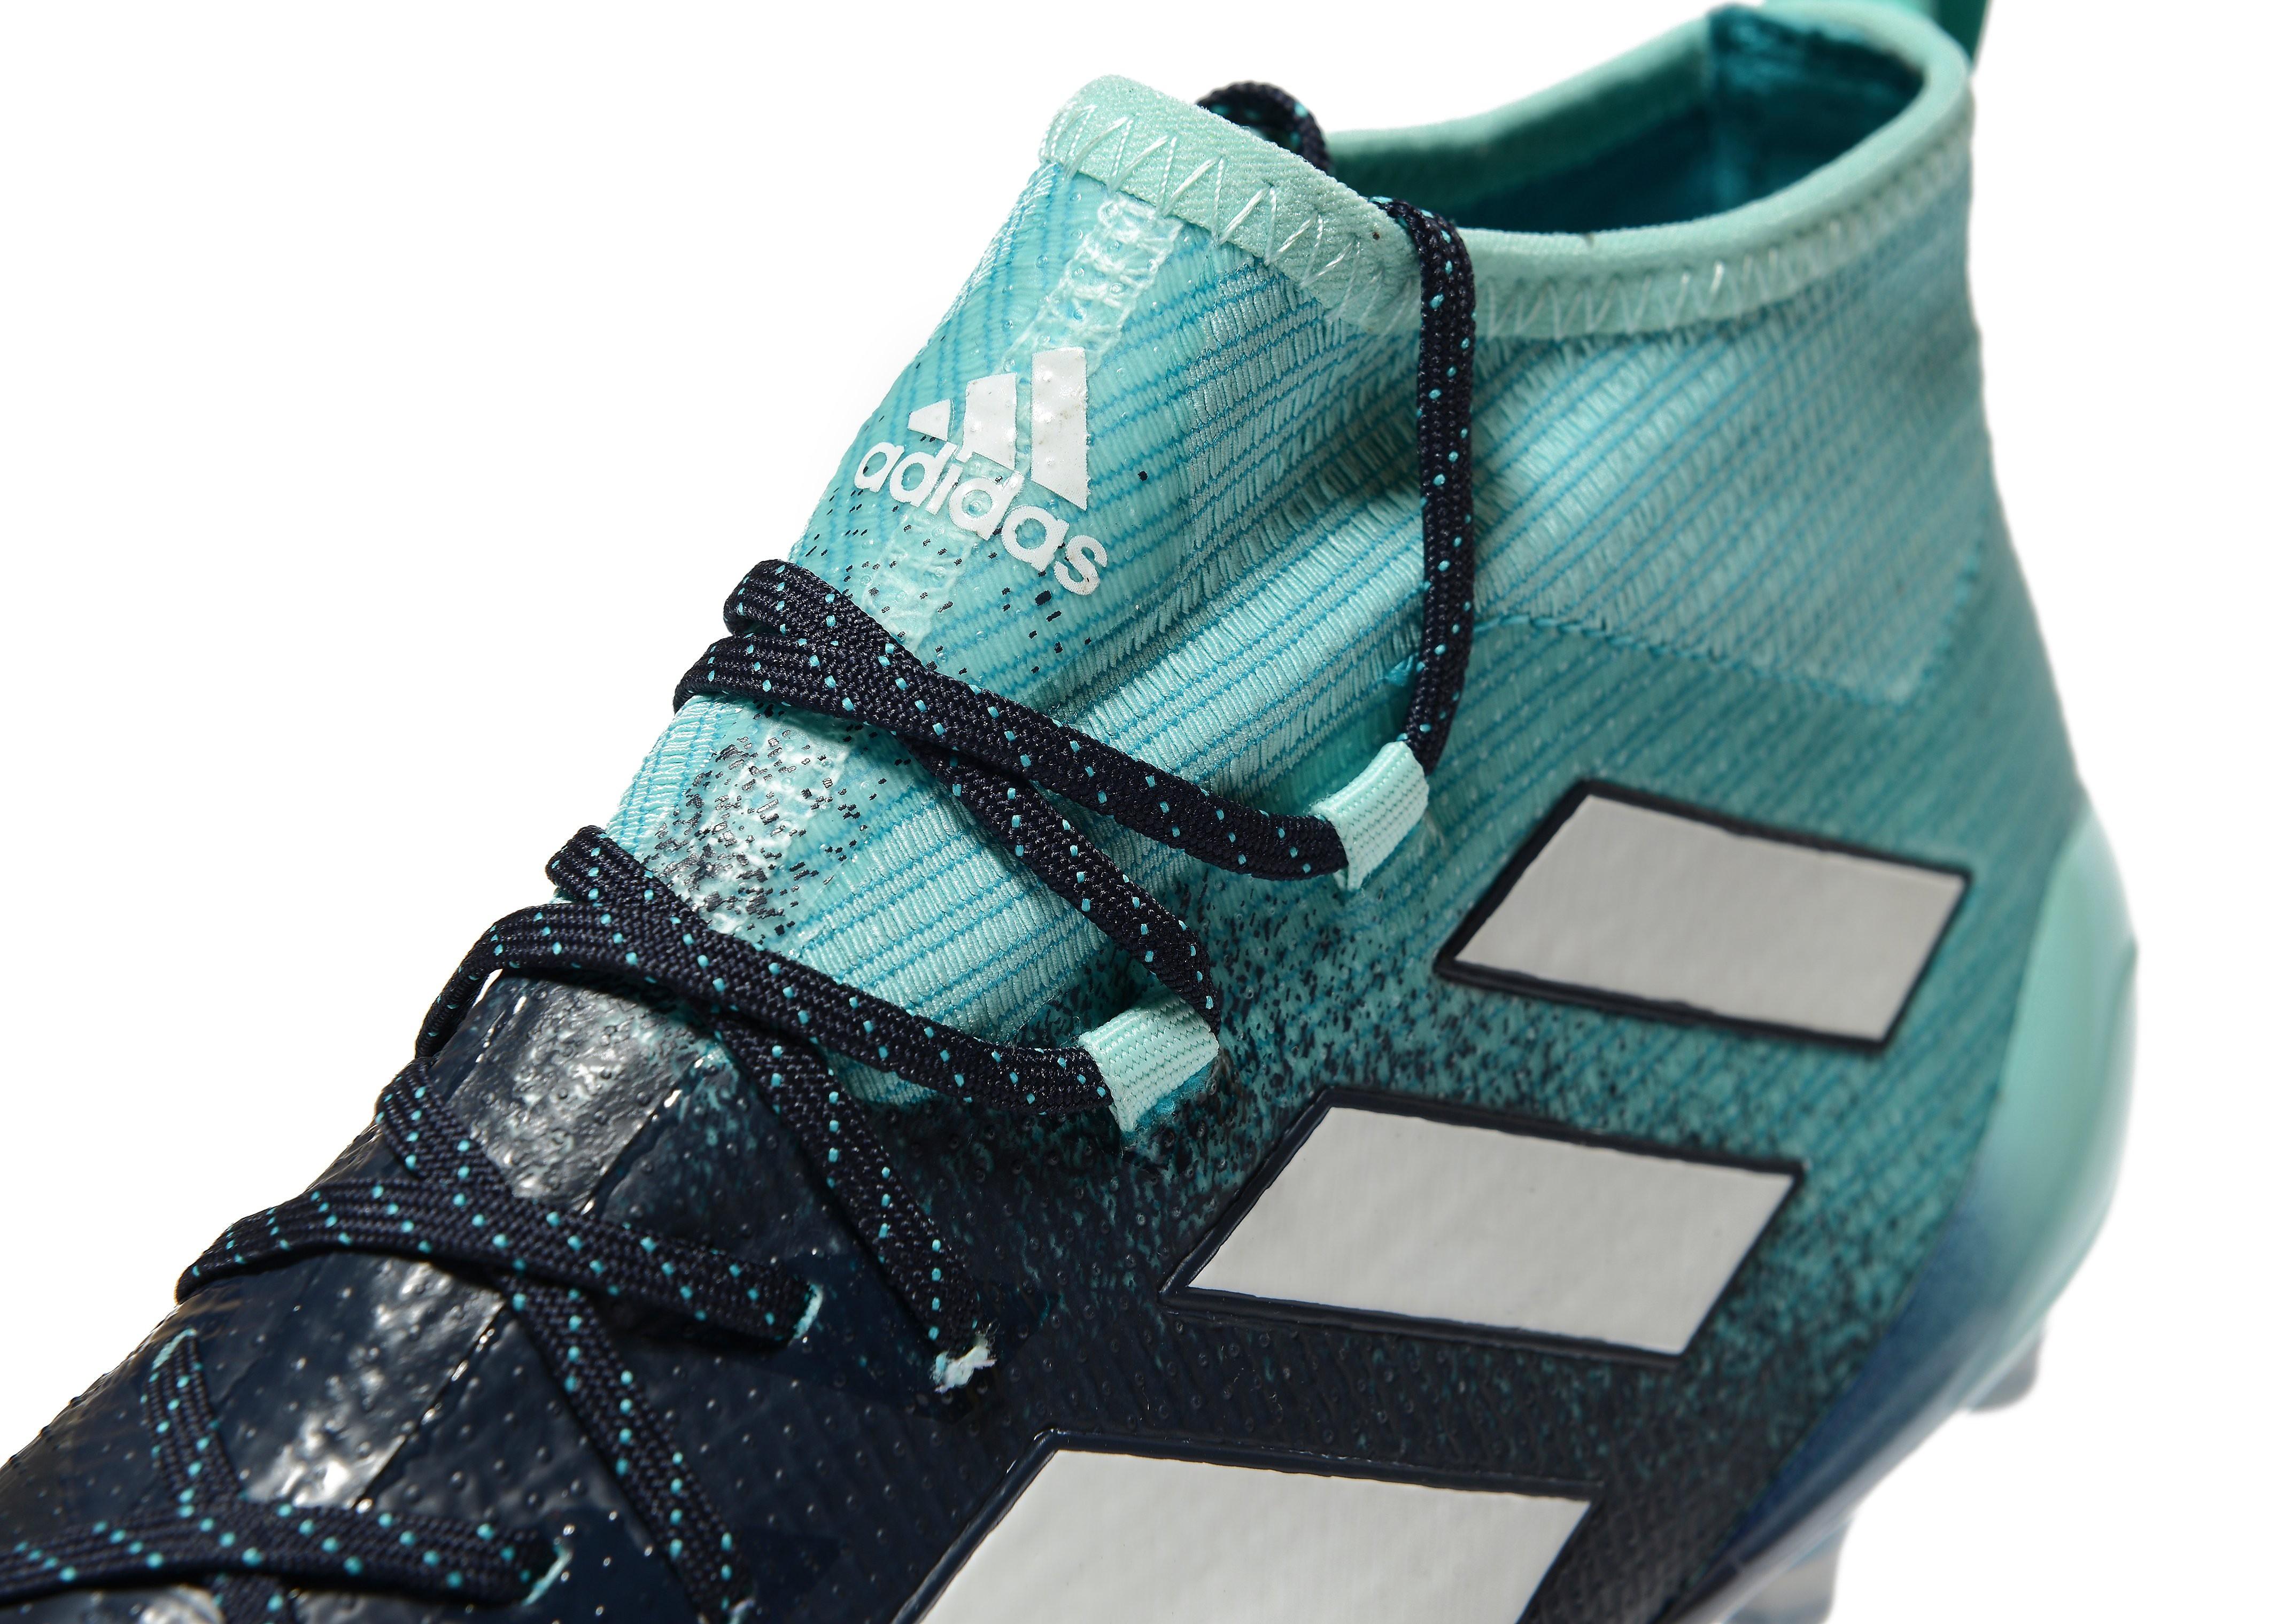 adidas Ocean Storm ACE 17.1 FG